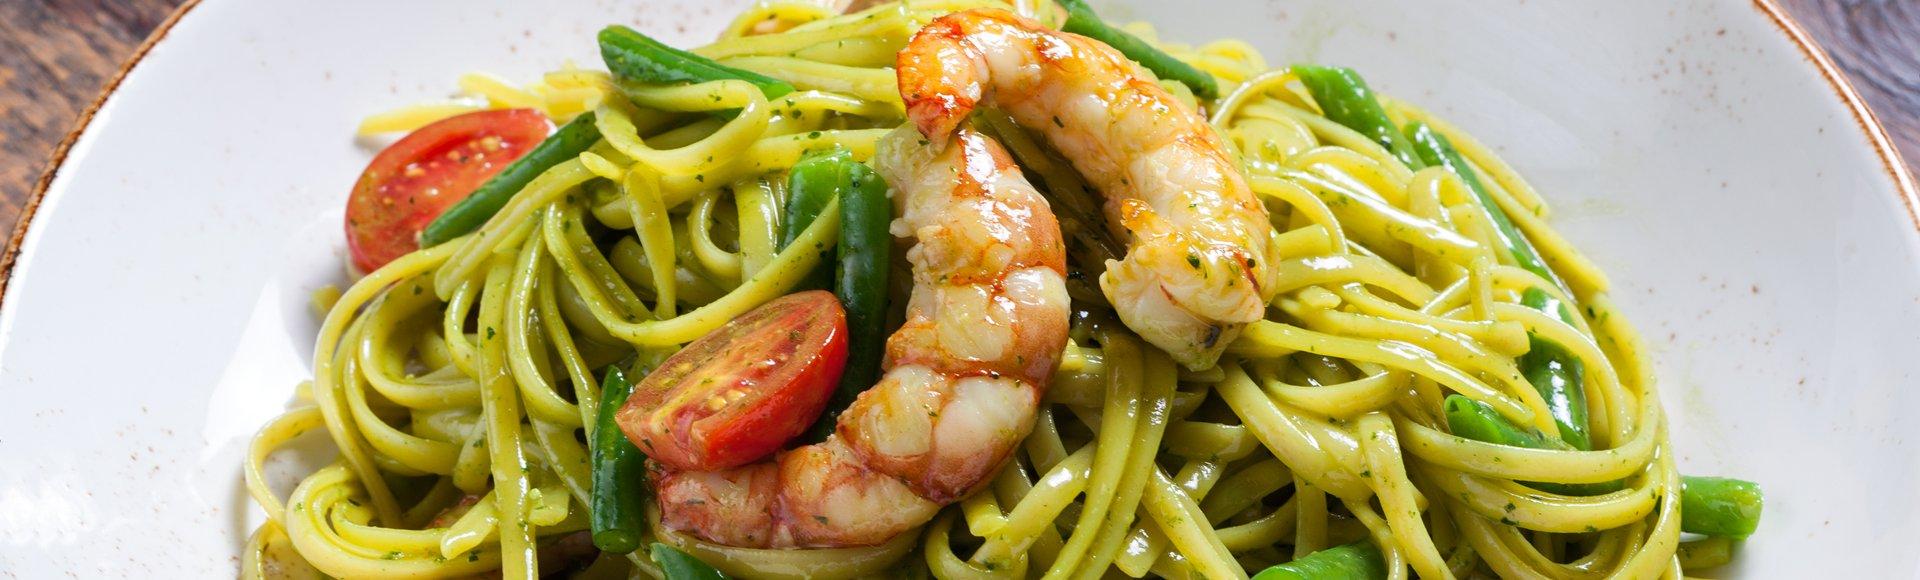 Λιγκουίνι με γαρίδες, πέστο, φασολάκια και ντοματίνια